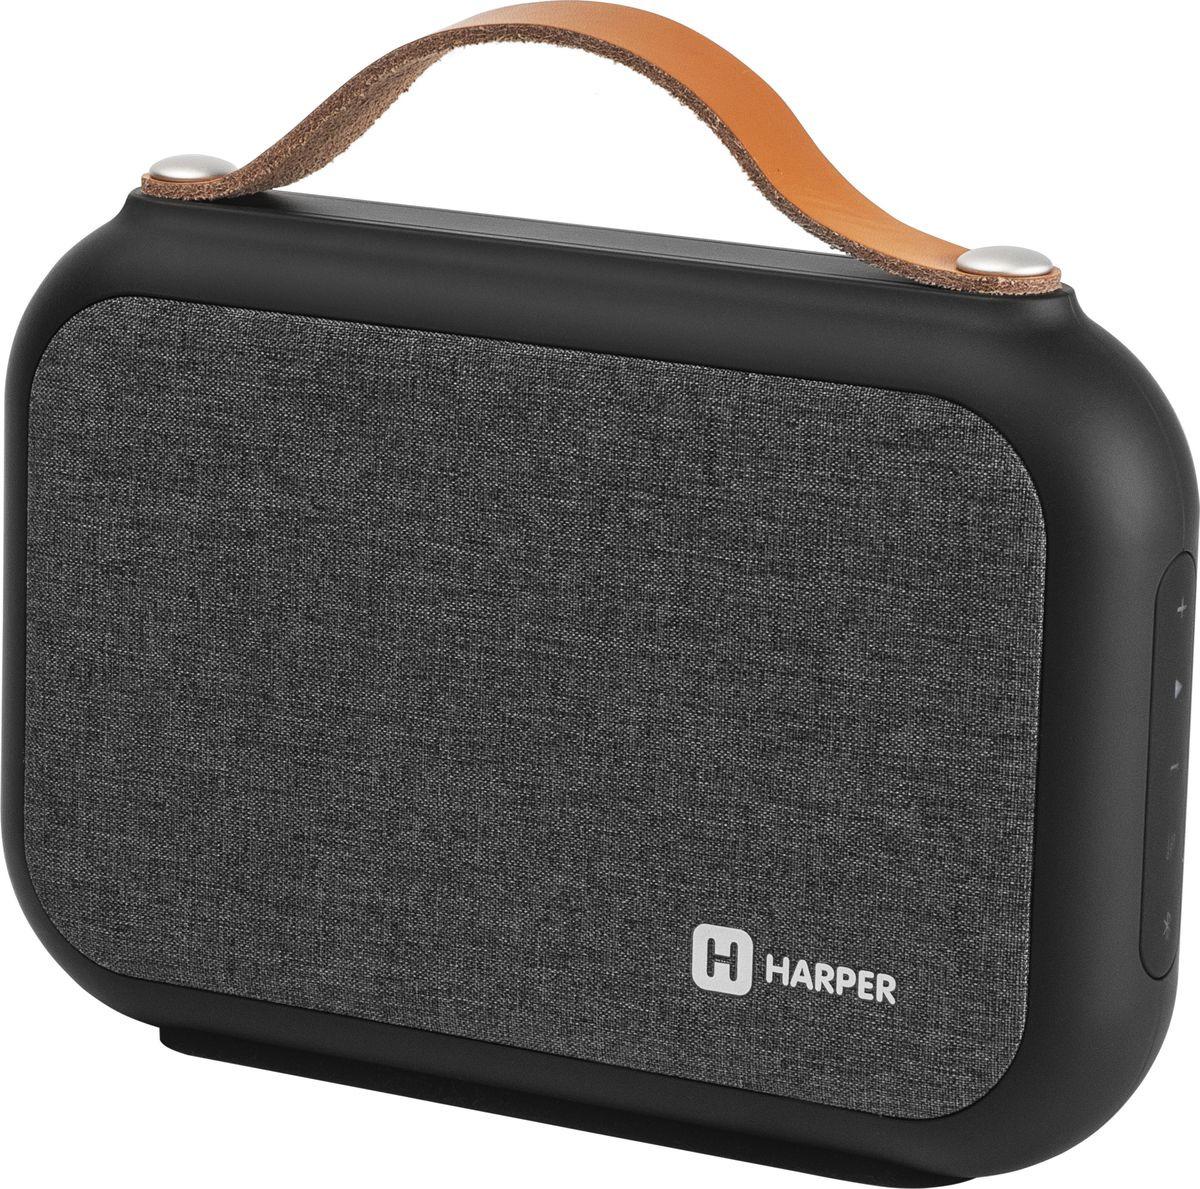 Портативная акустическая система Harper PSPB-220, H00002115, black